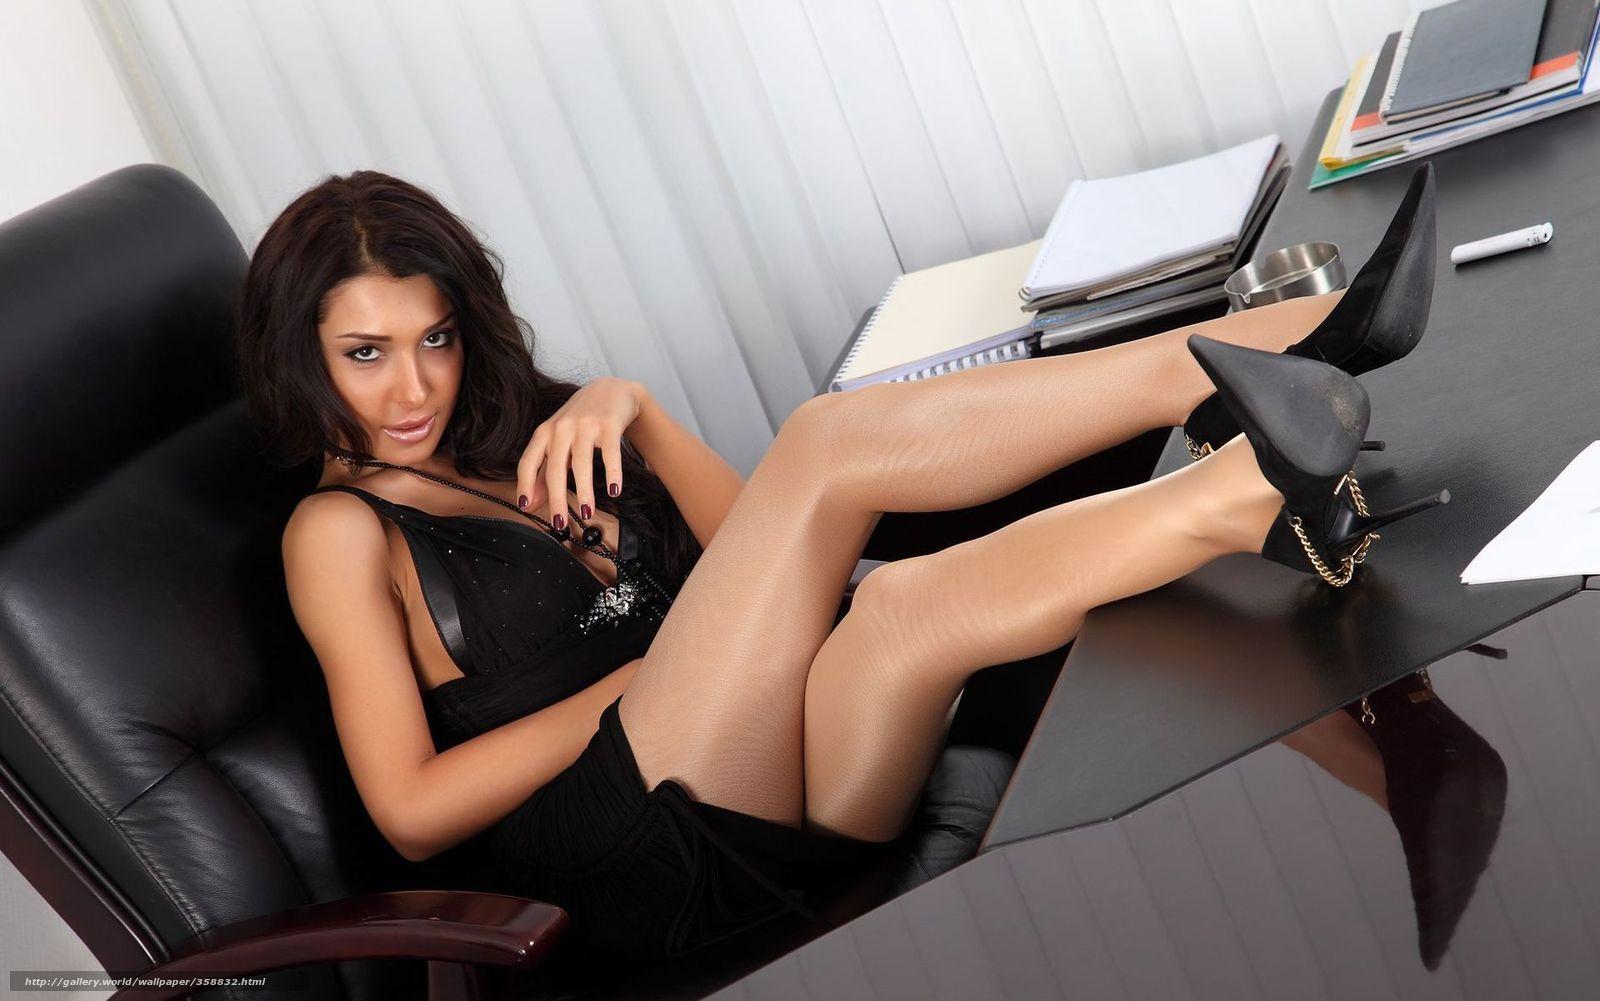 Секретаршу в офисе 21 фотография